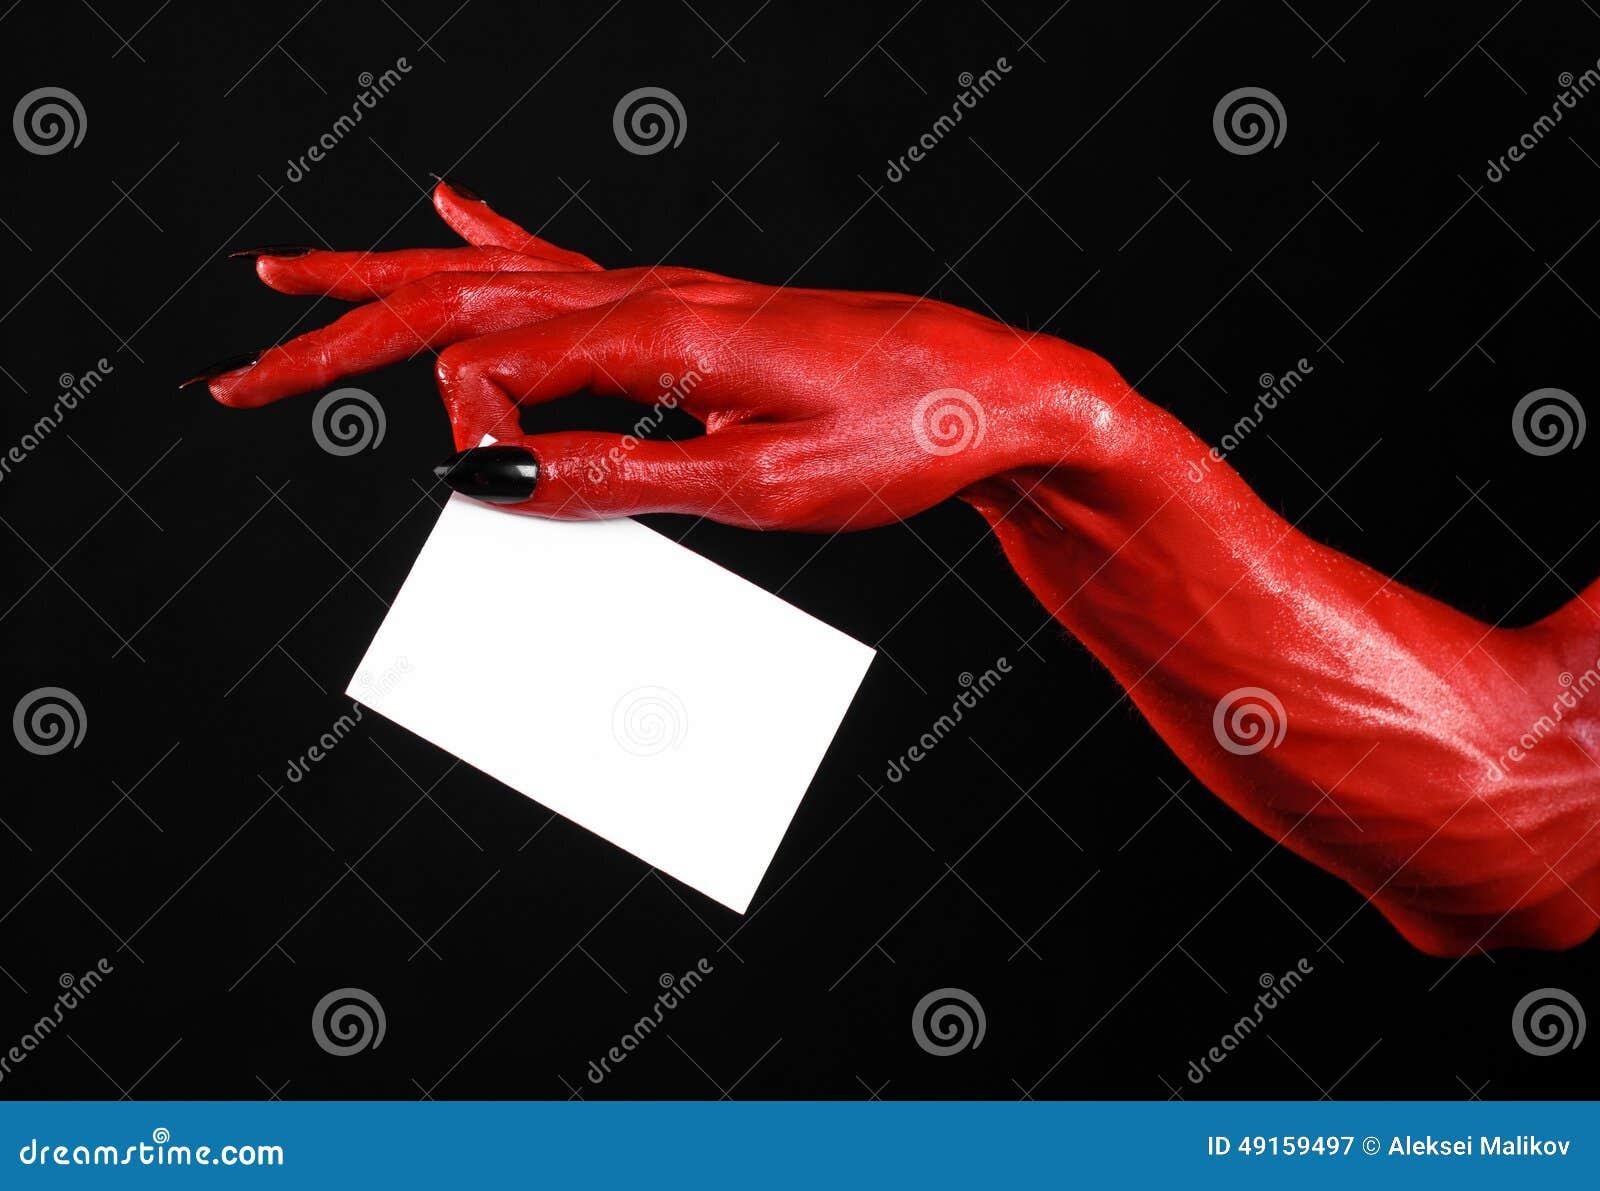 Halloween-thema: Rode duivelshand met zwarte spijkers die een lege witte kaart op een zwarte achtergrond houden